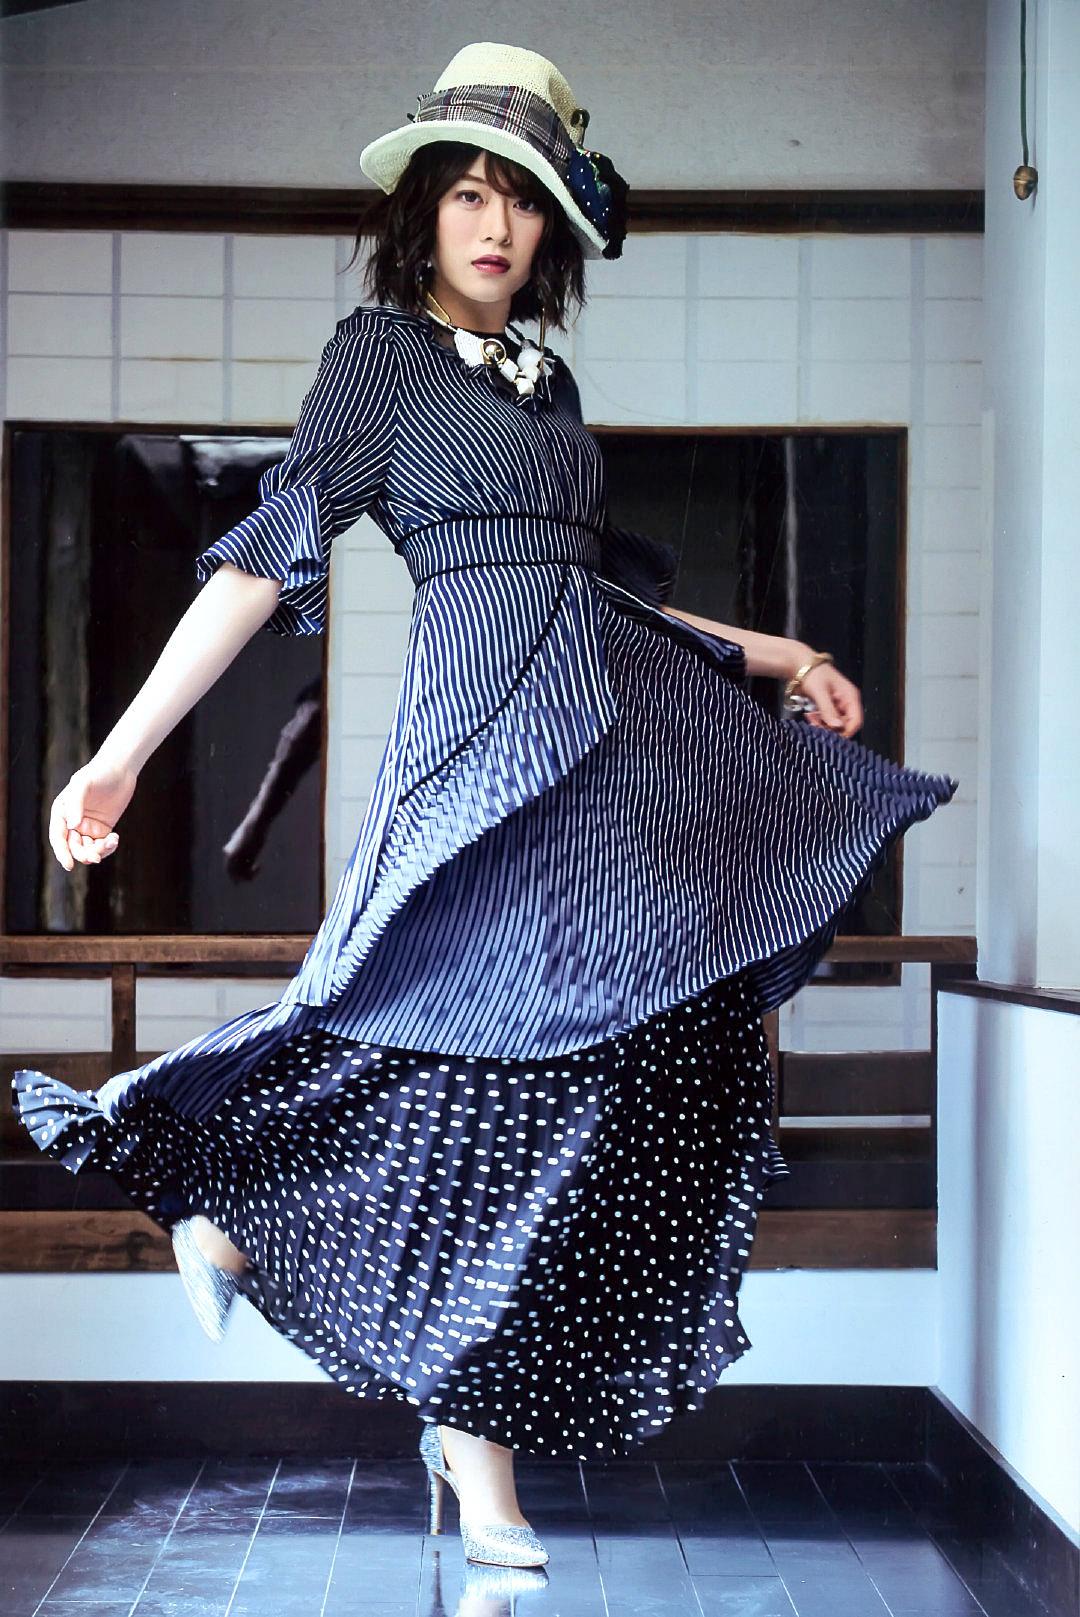 Mizuki Yamashita Marquee 132 19 02.jpg